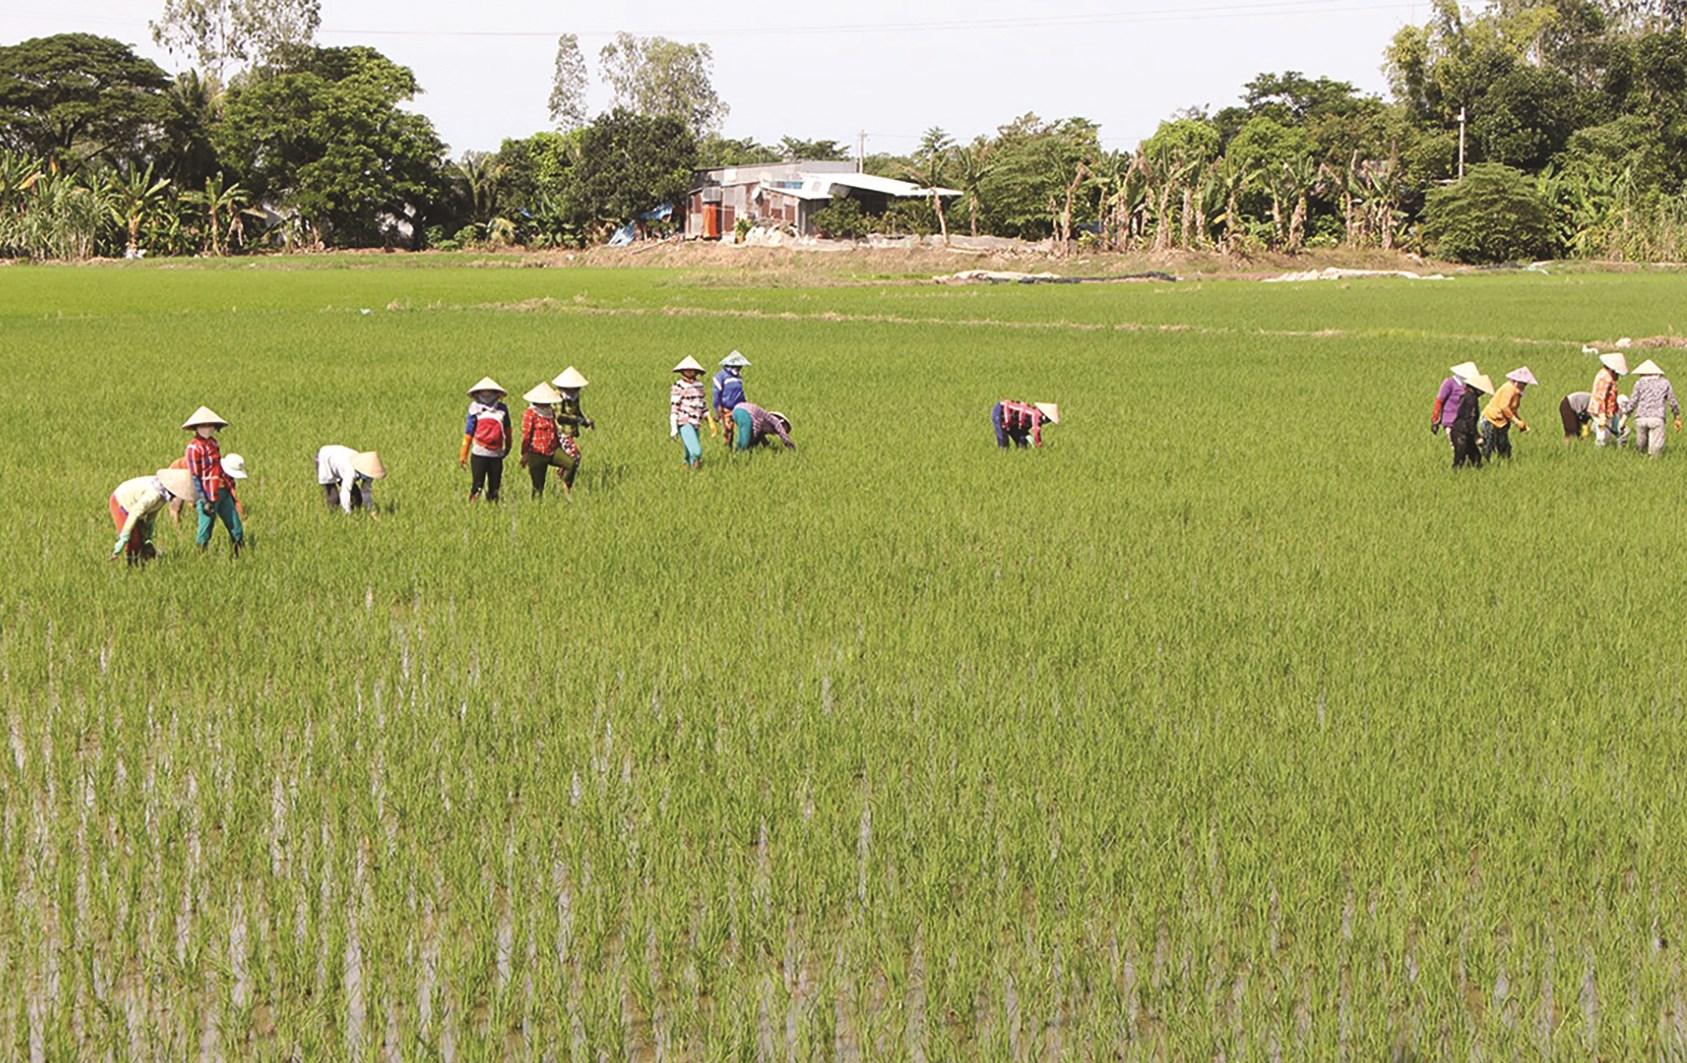 Hiện, diện tích gieo cấy lúa thơm tại Đồng bằng sông Cửu Long hằng năm đạt khoảng 1 triệu ha với sản lượng 5,5 triệu tấn